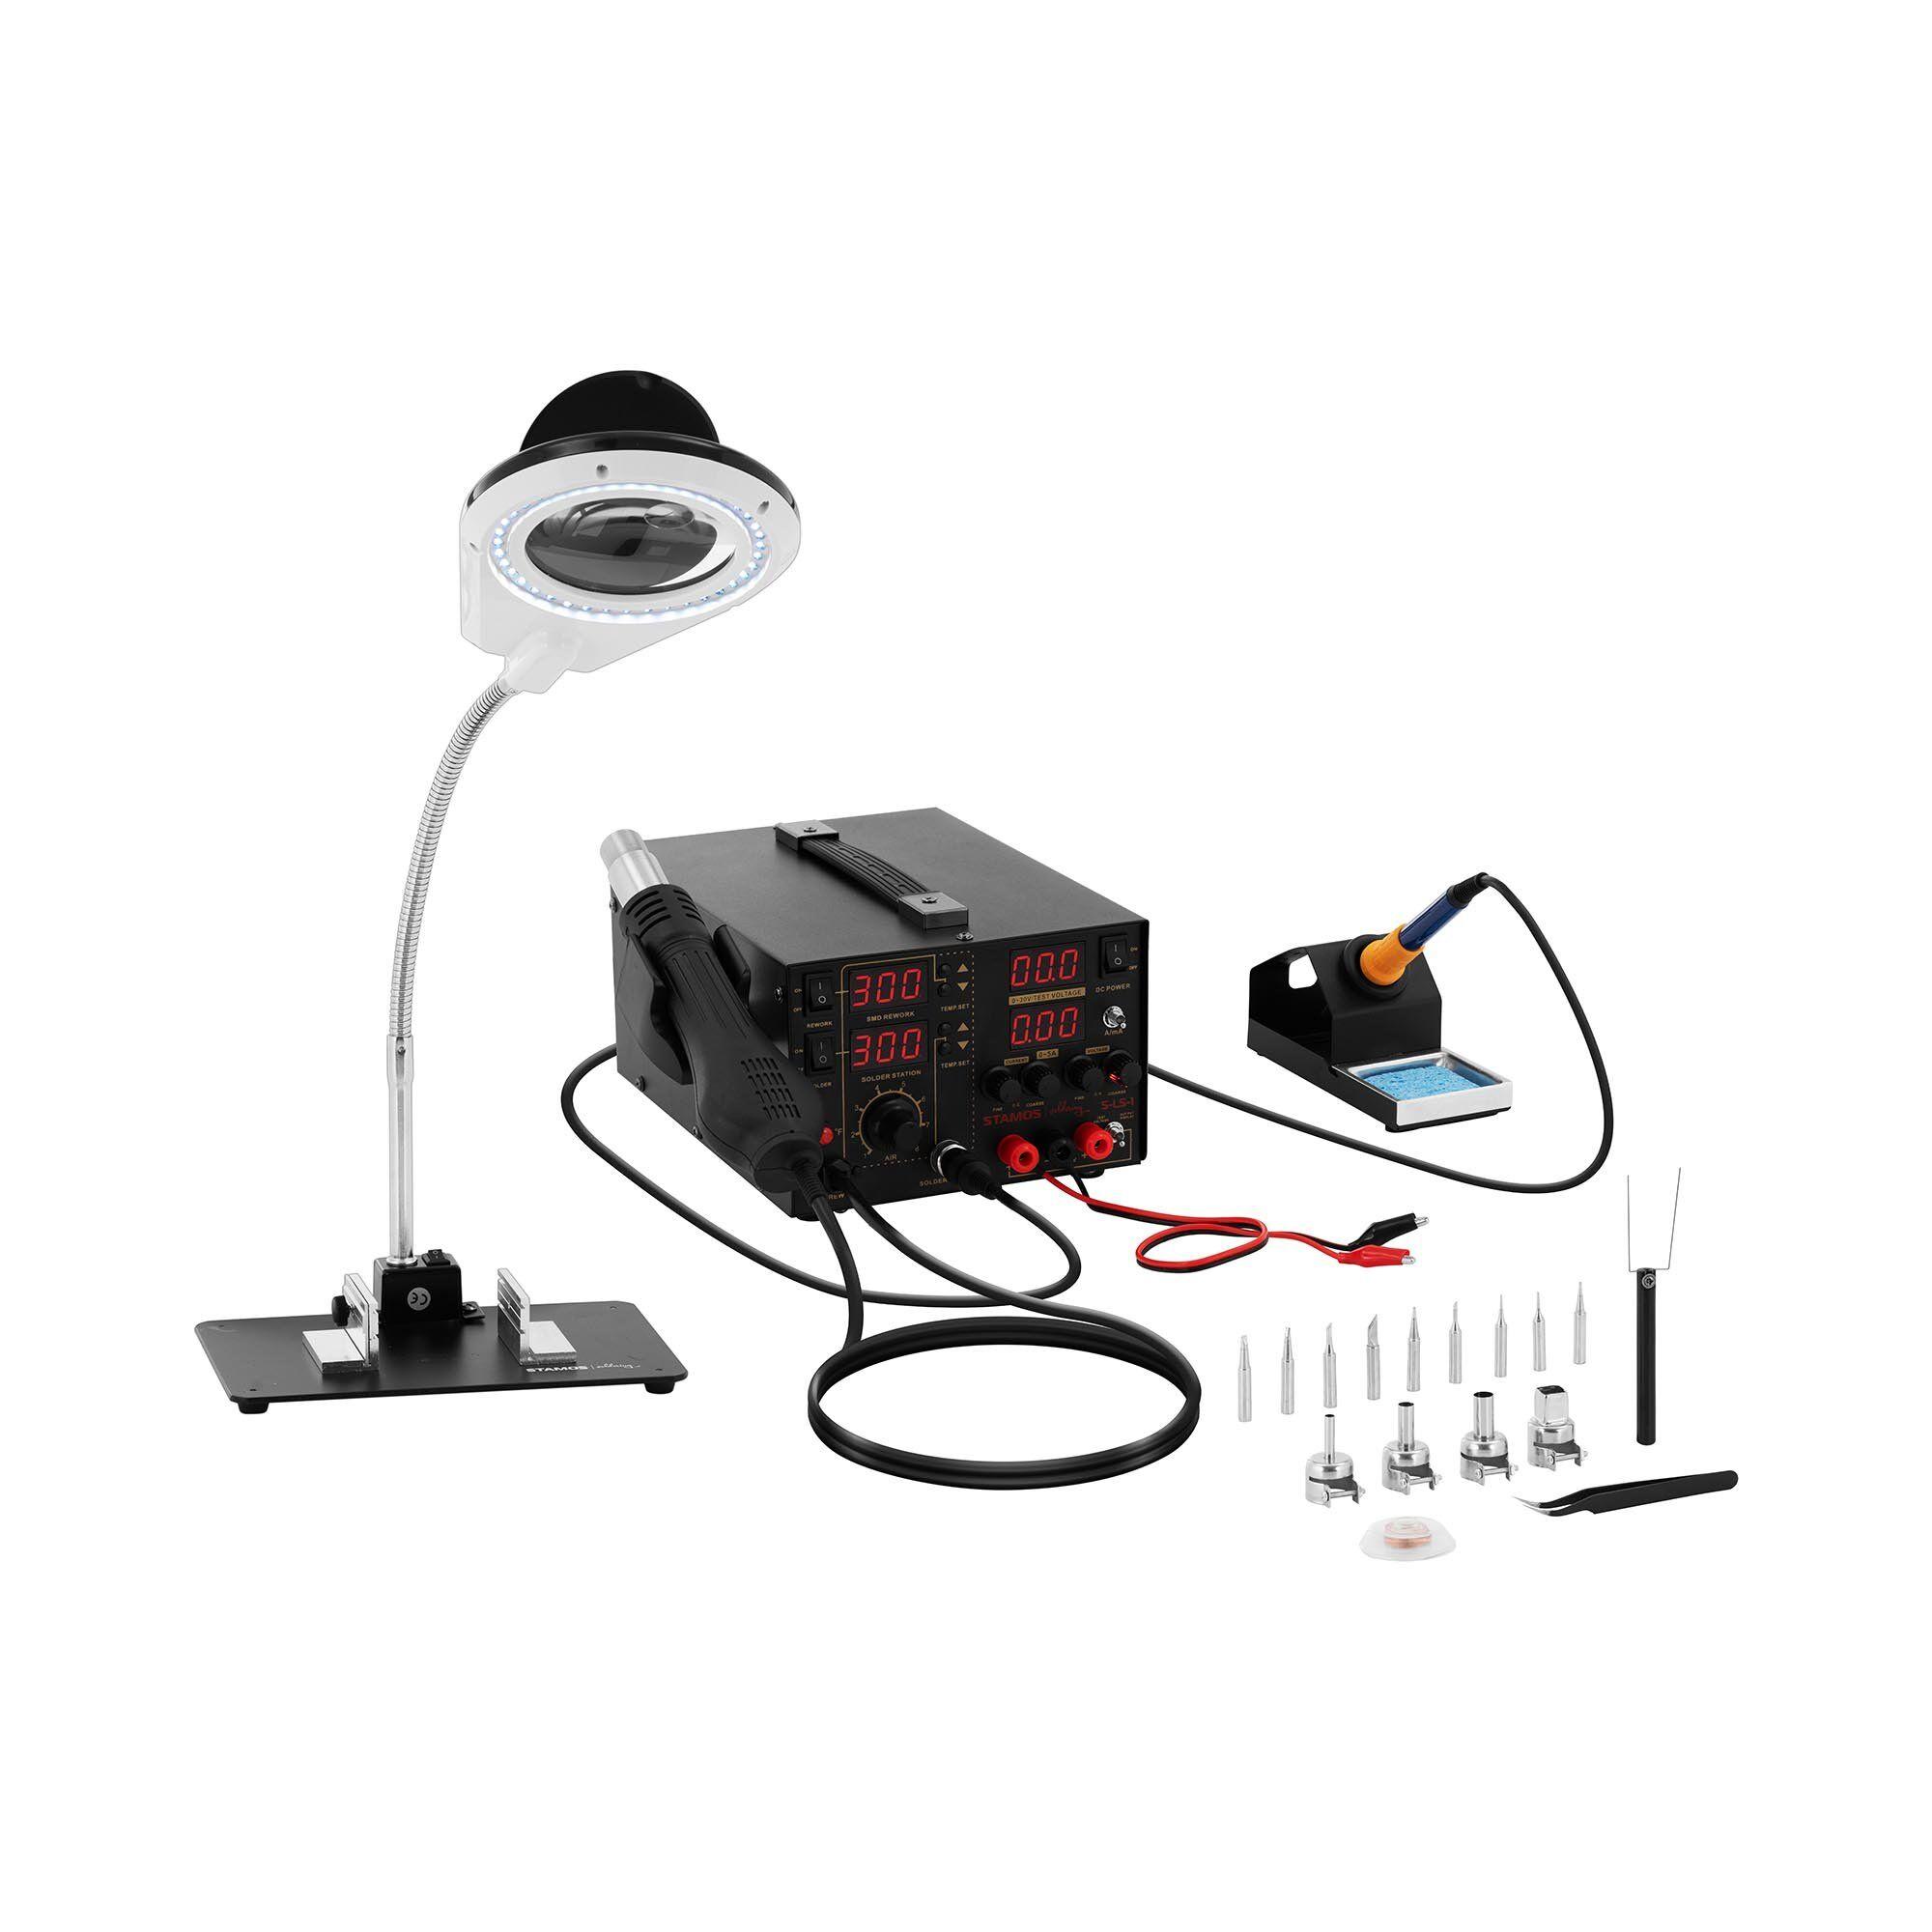 stamos soldering set stazione saldante con alimentatore integrato + accessori s-ls-1